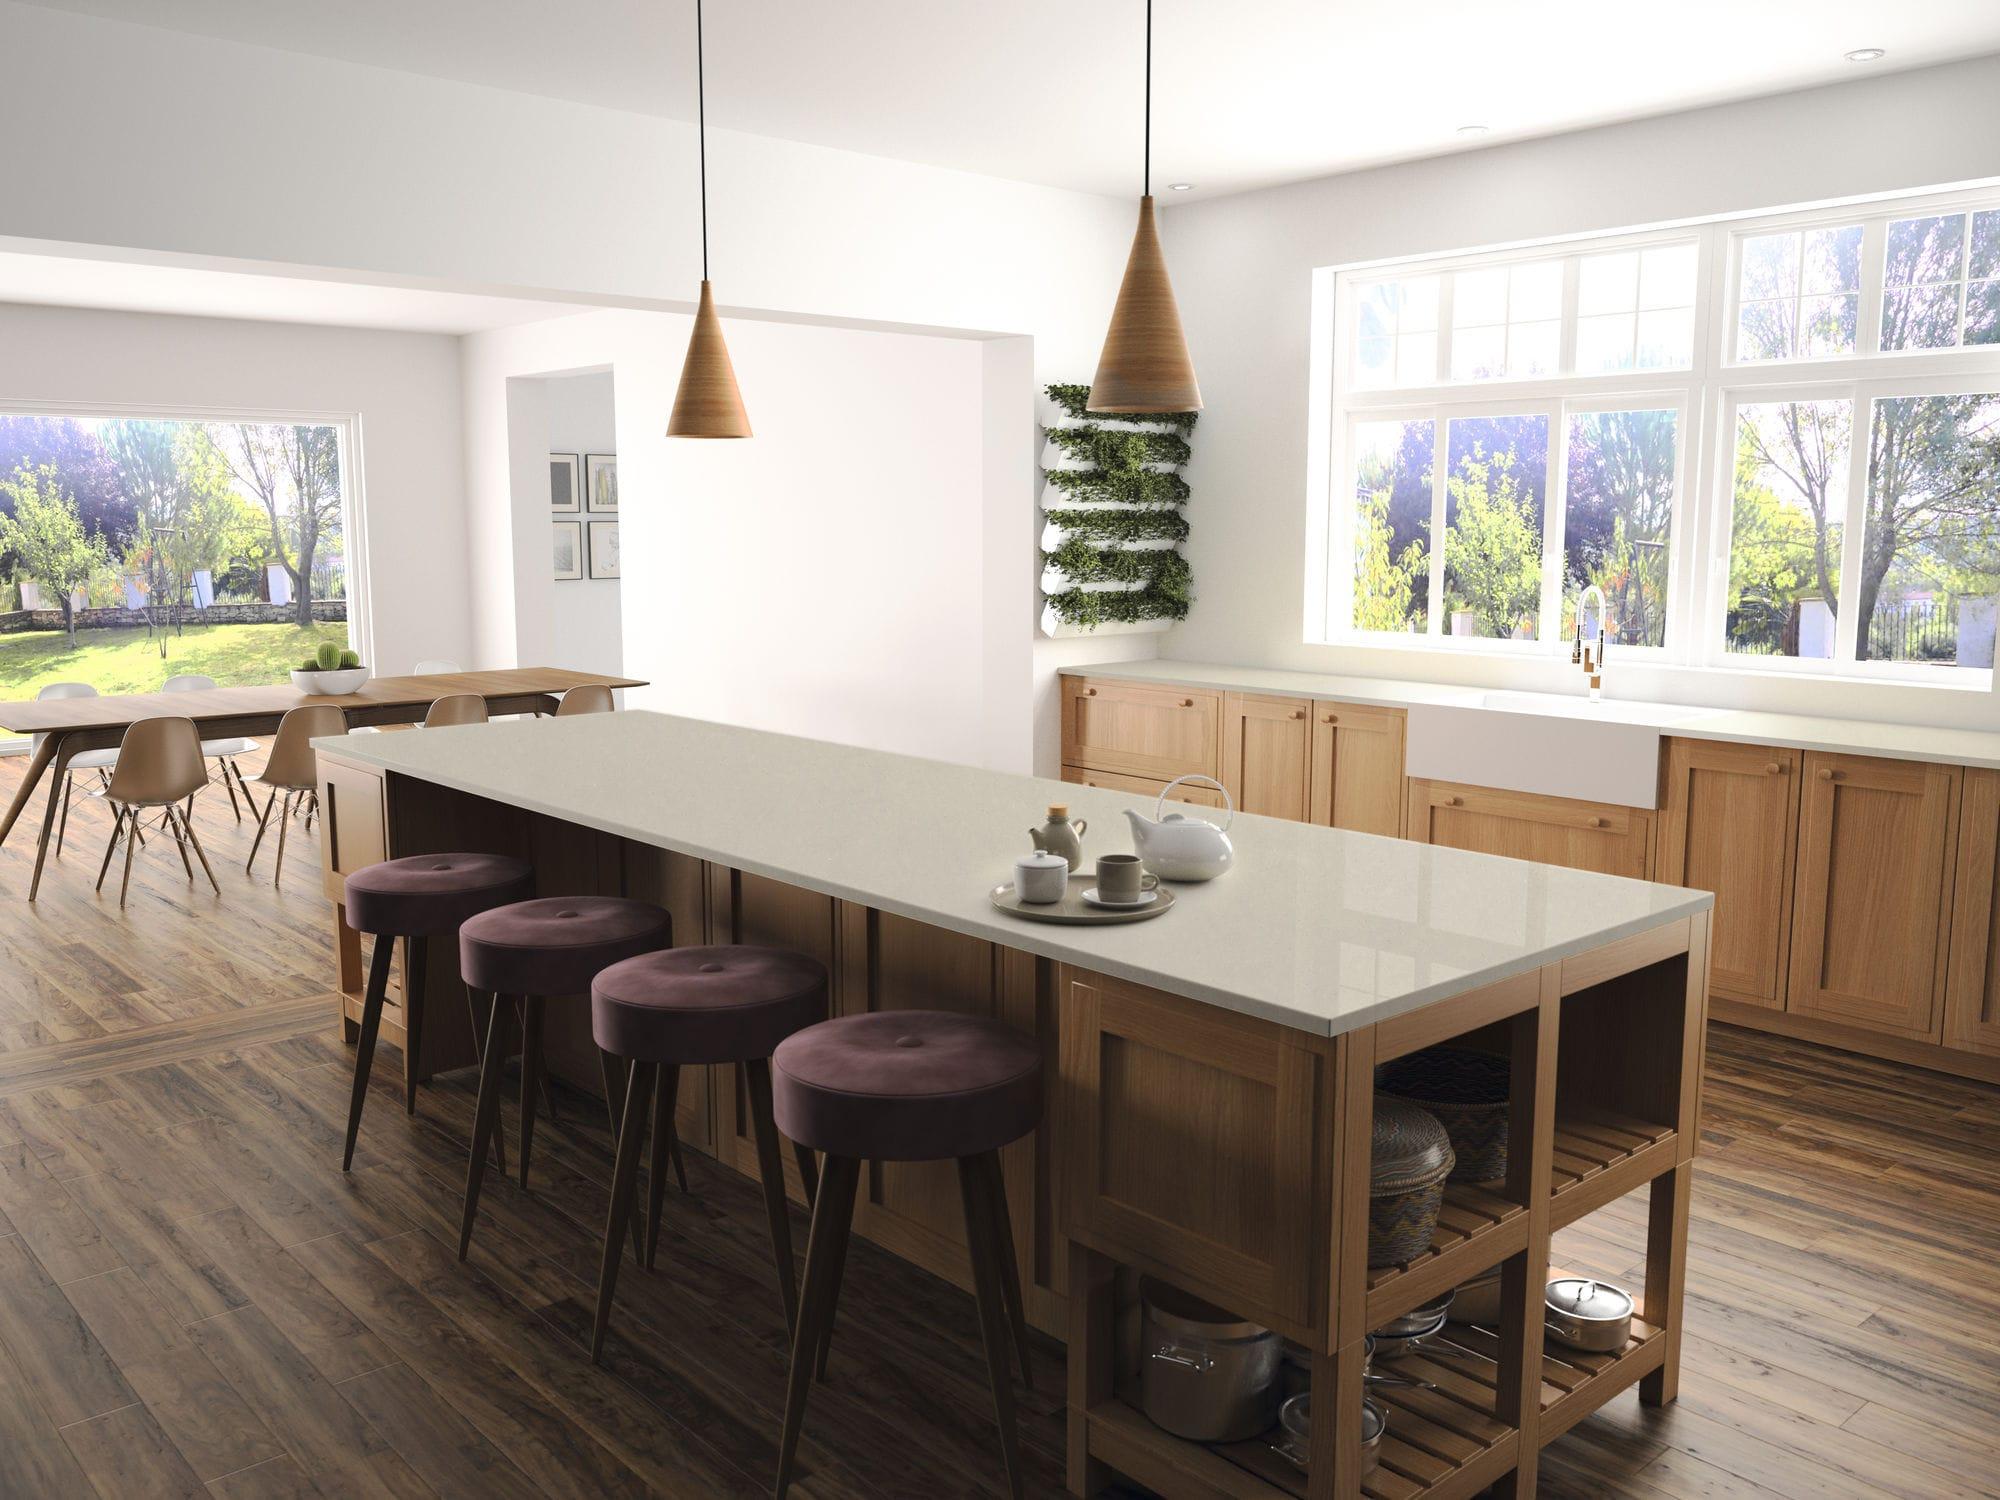 Gemütlich Küchen In Grau Zeitgenössisch Die Designideen für